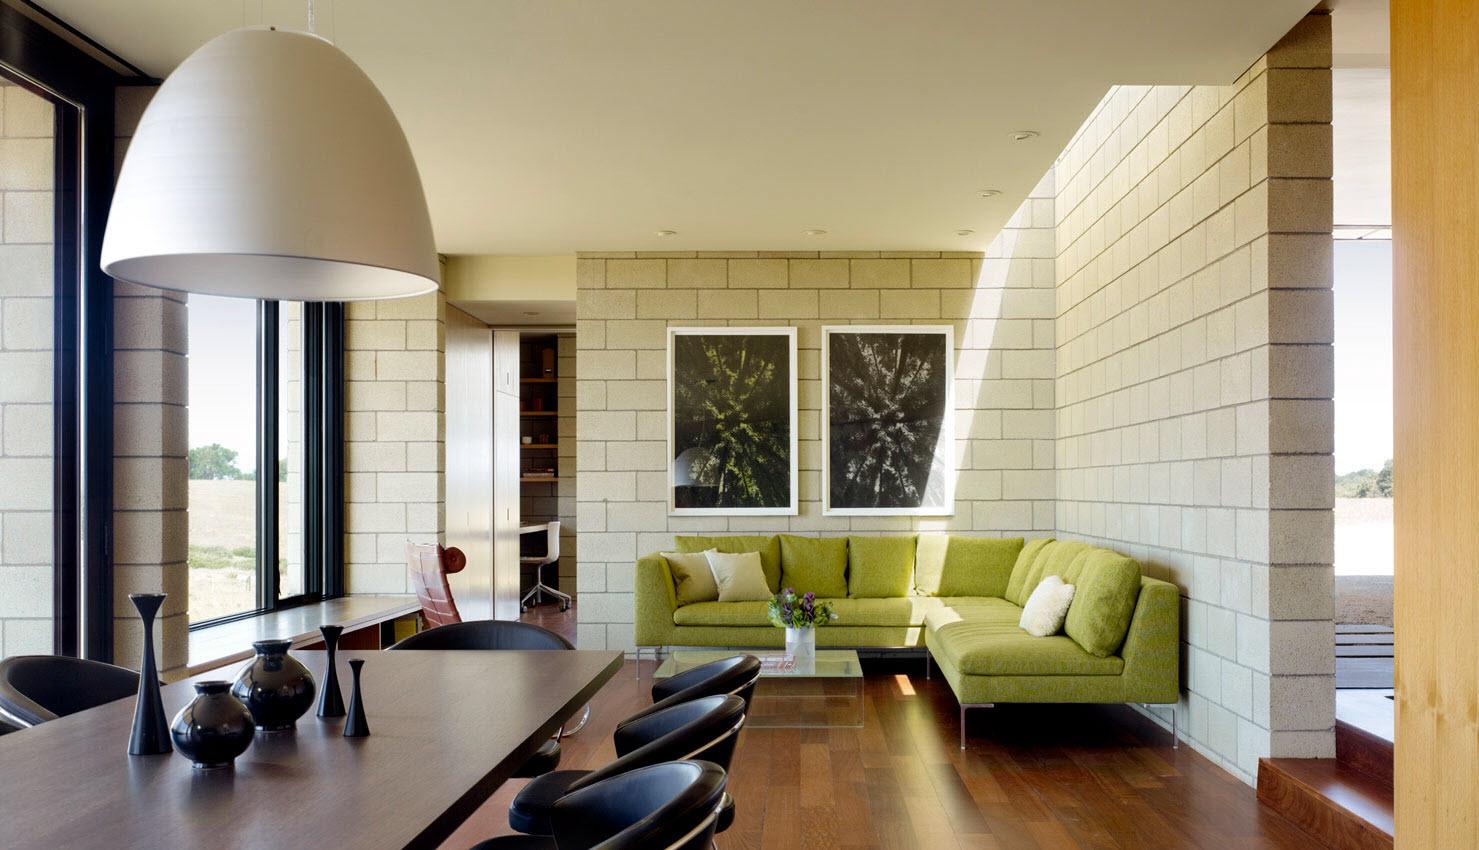 Dise o de casa moderna de un piso de ladrillo caravista for Disenos de interiores en casas